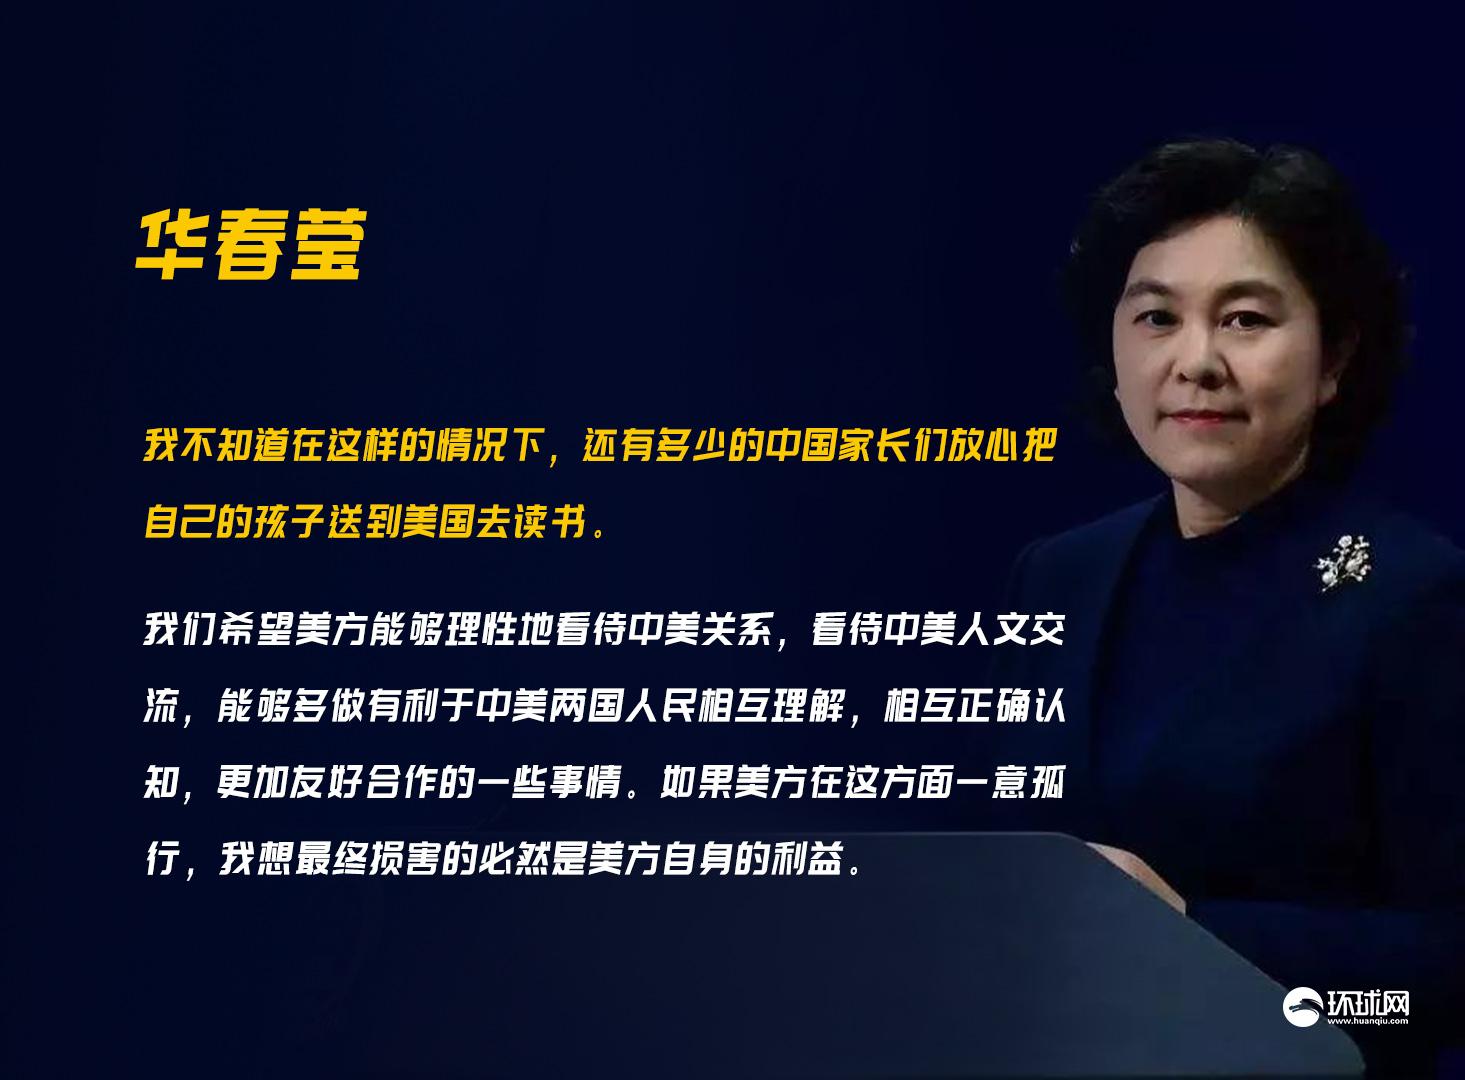 美大学限期驱逐中国公费留学生,华春莹:还有多少中国家长放心送孩子去美国读书?